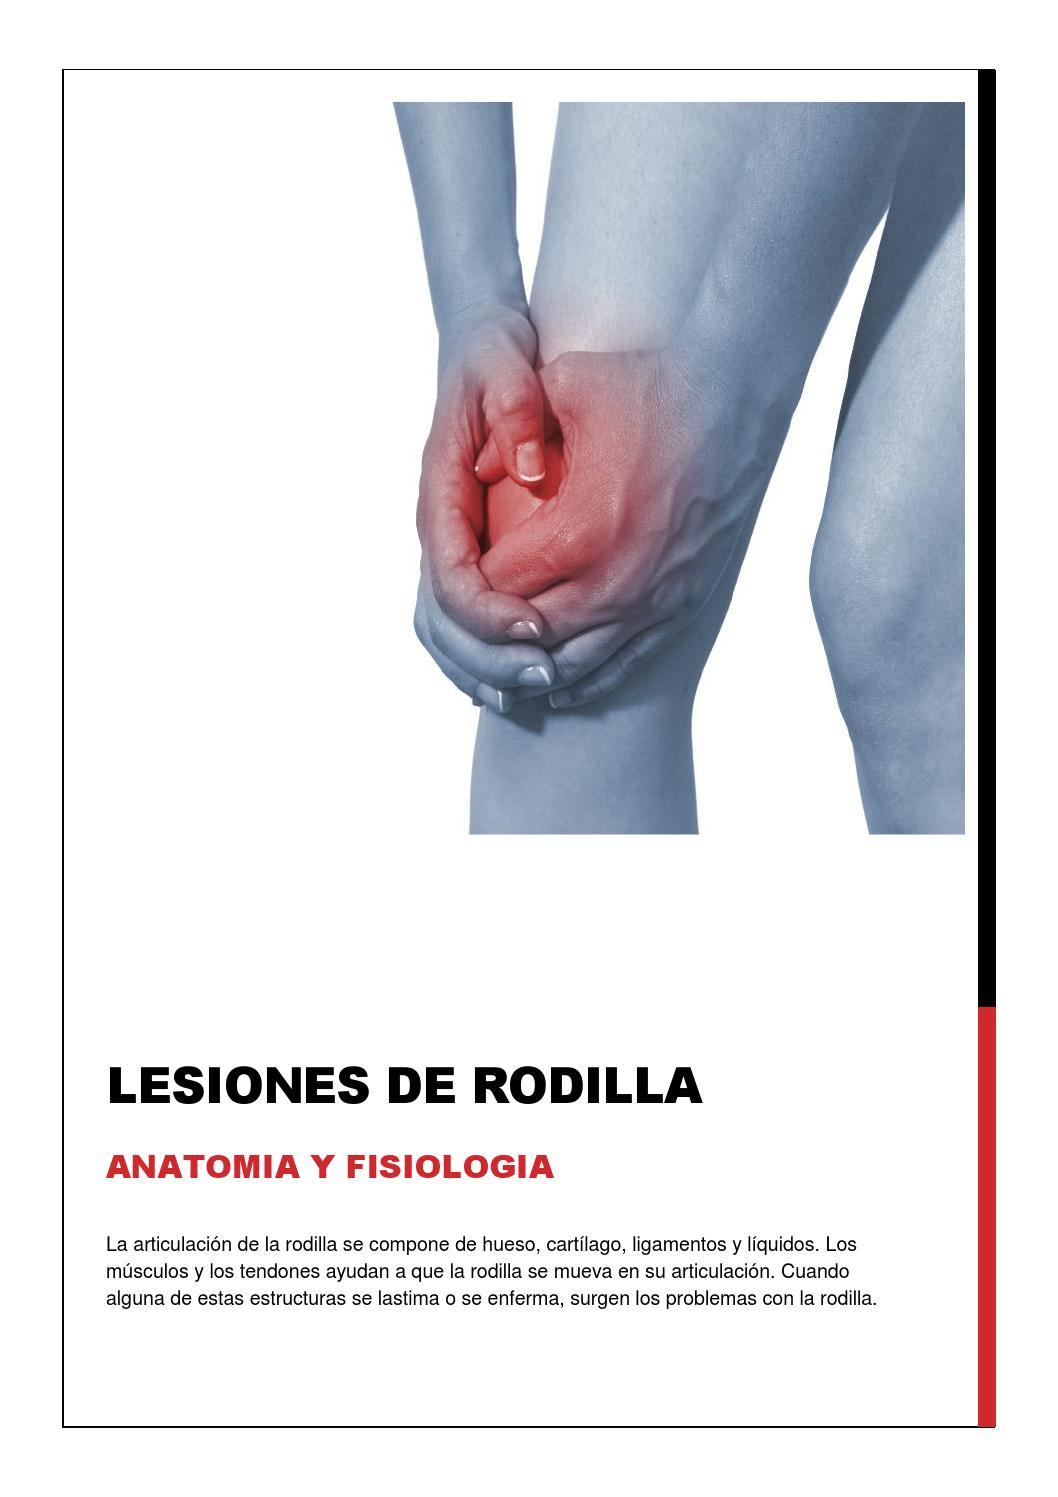 Lesiones de rodilla by Rodrigo Gomez - issuu